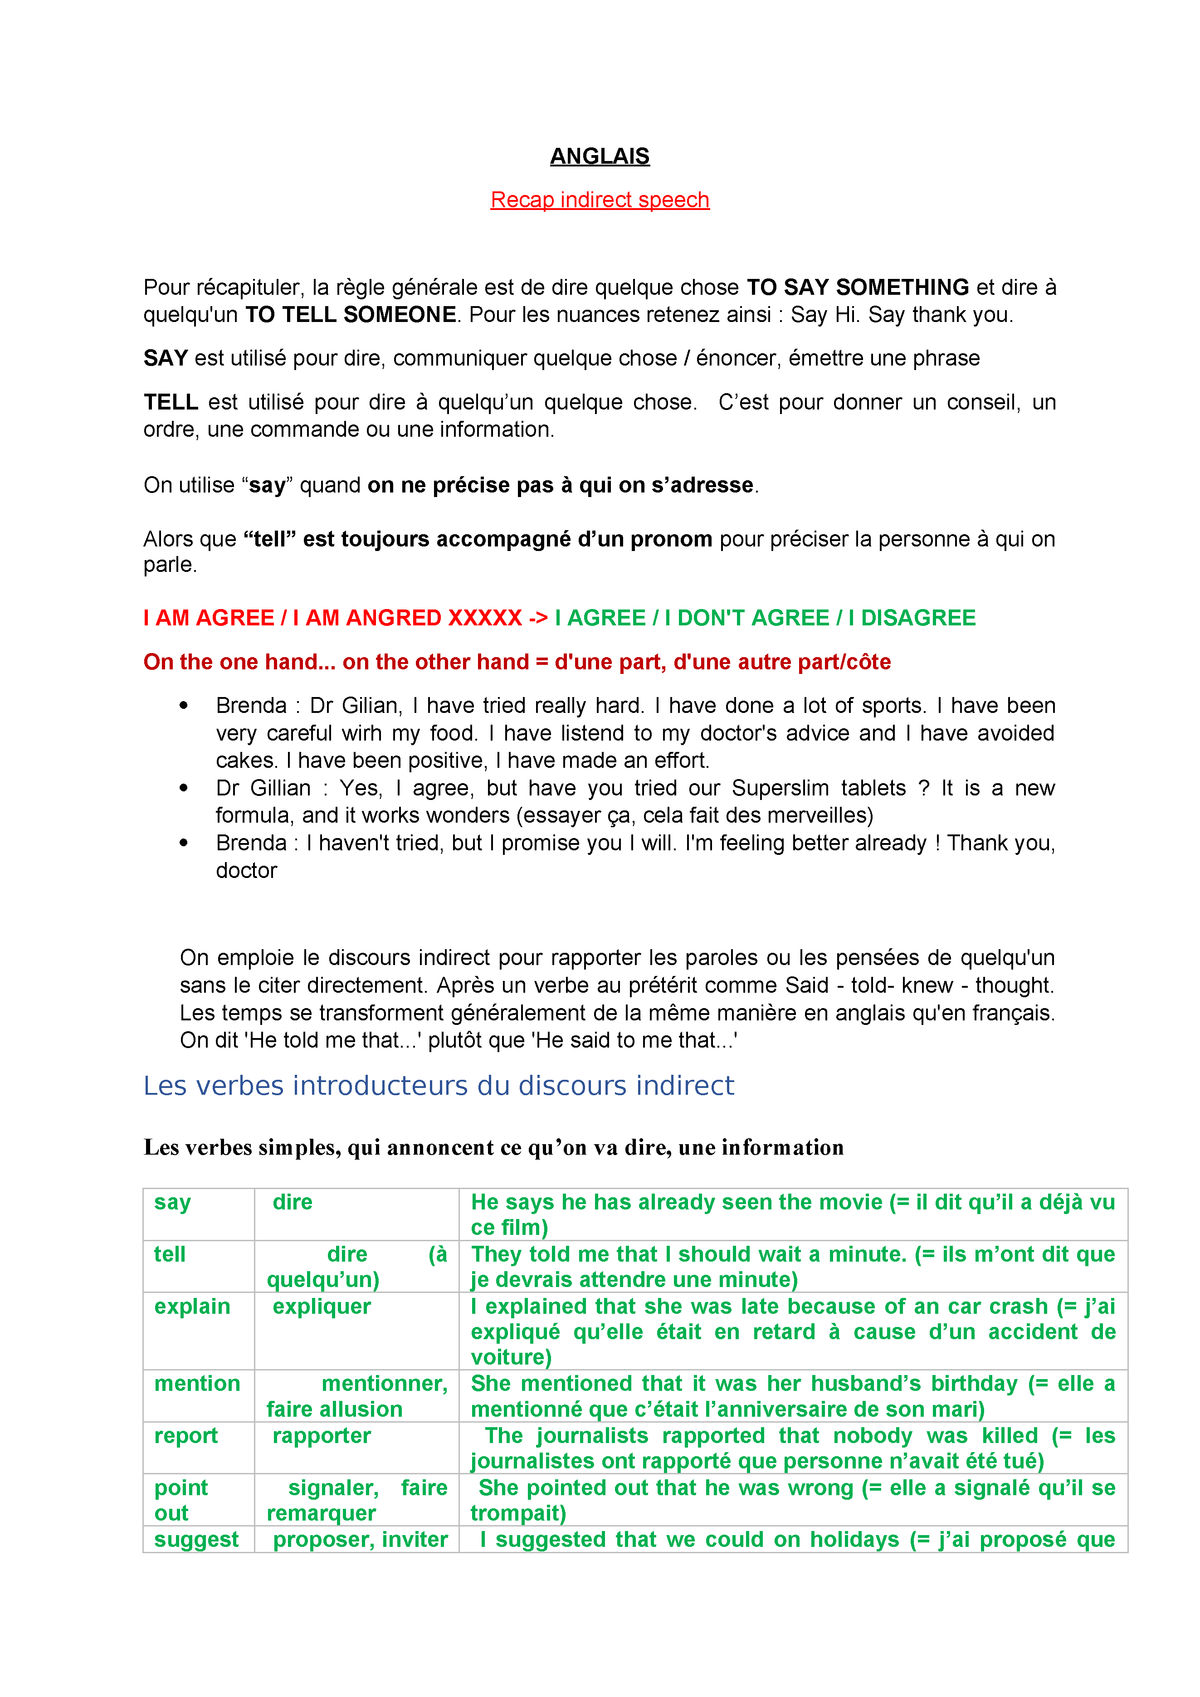 Anglais Les Differences Entre Tell Et Say Les Formes Directs Et Indirects Des Dates Studocu